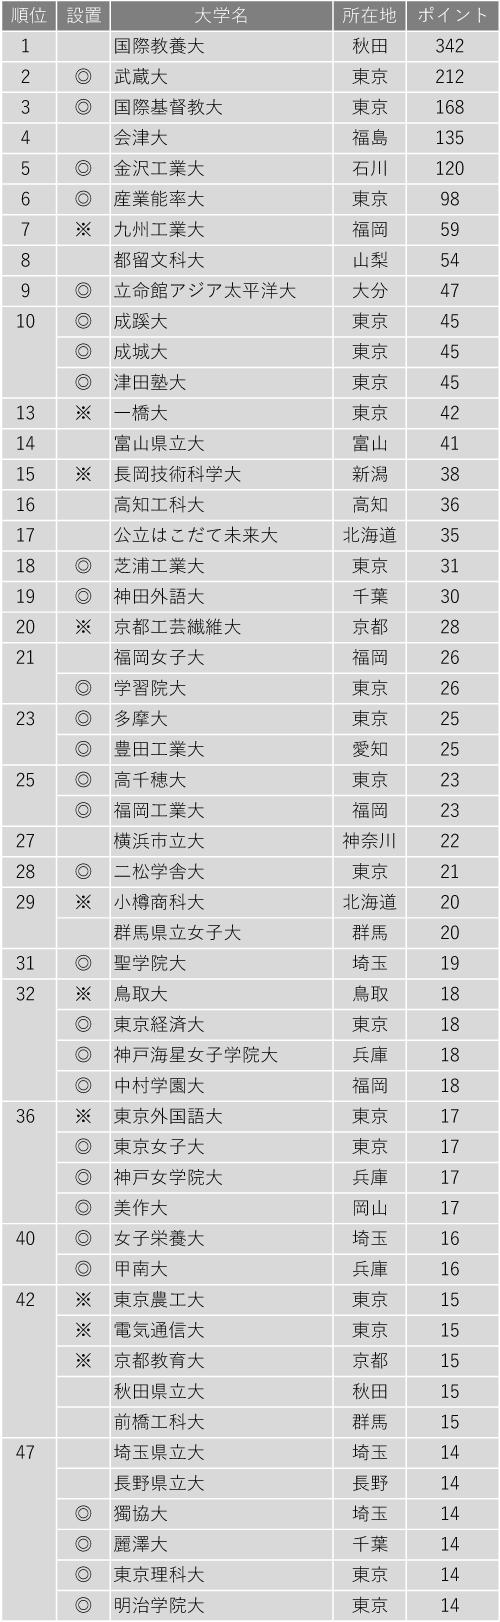 小規模だが評価できる大学ランキング2020(全国編)